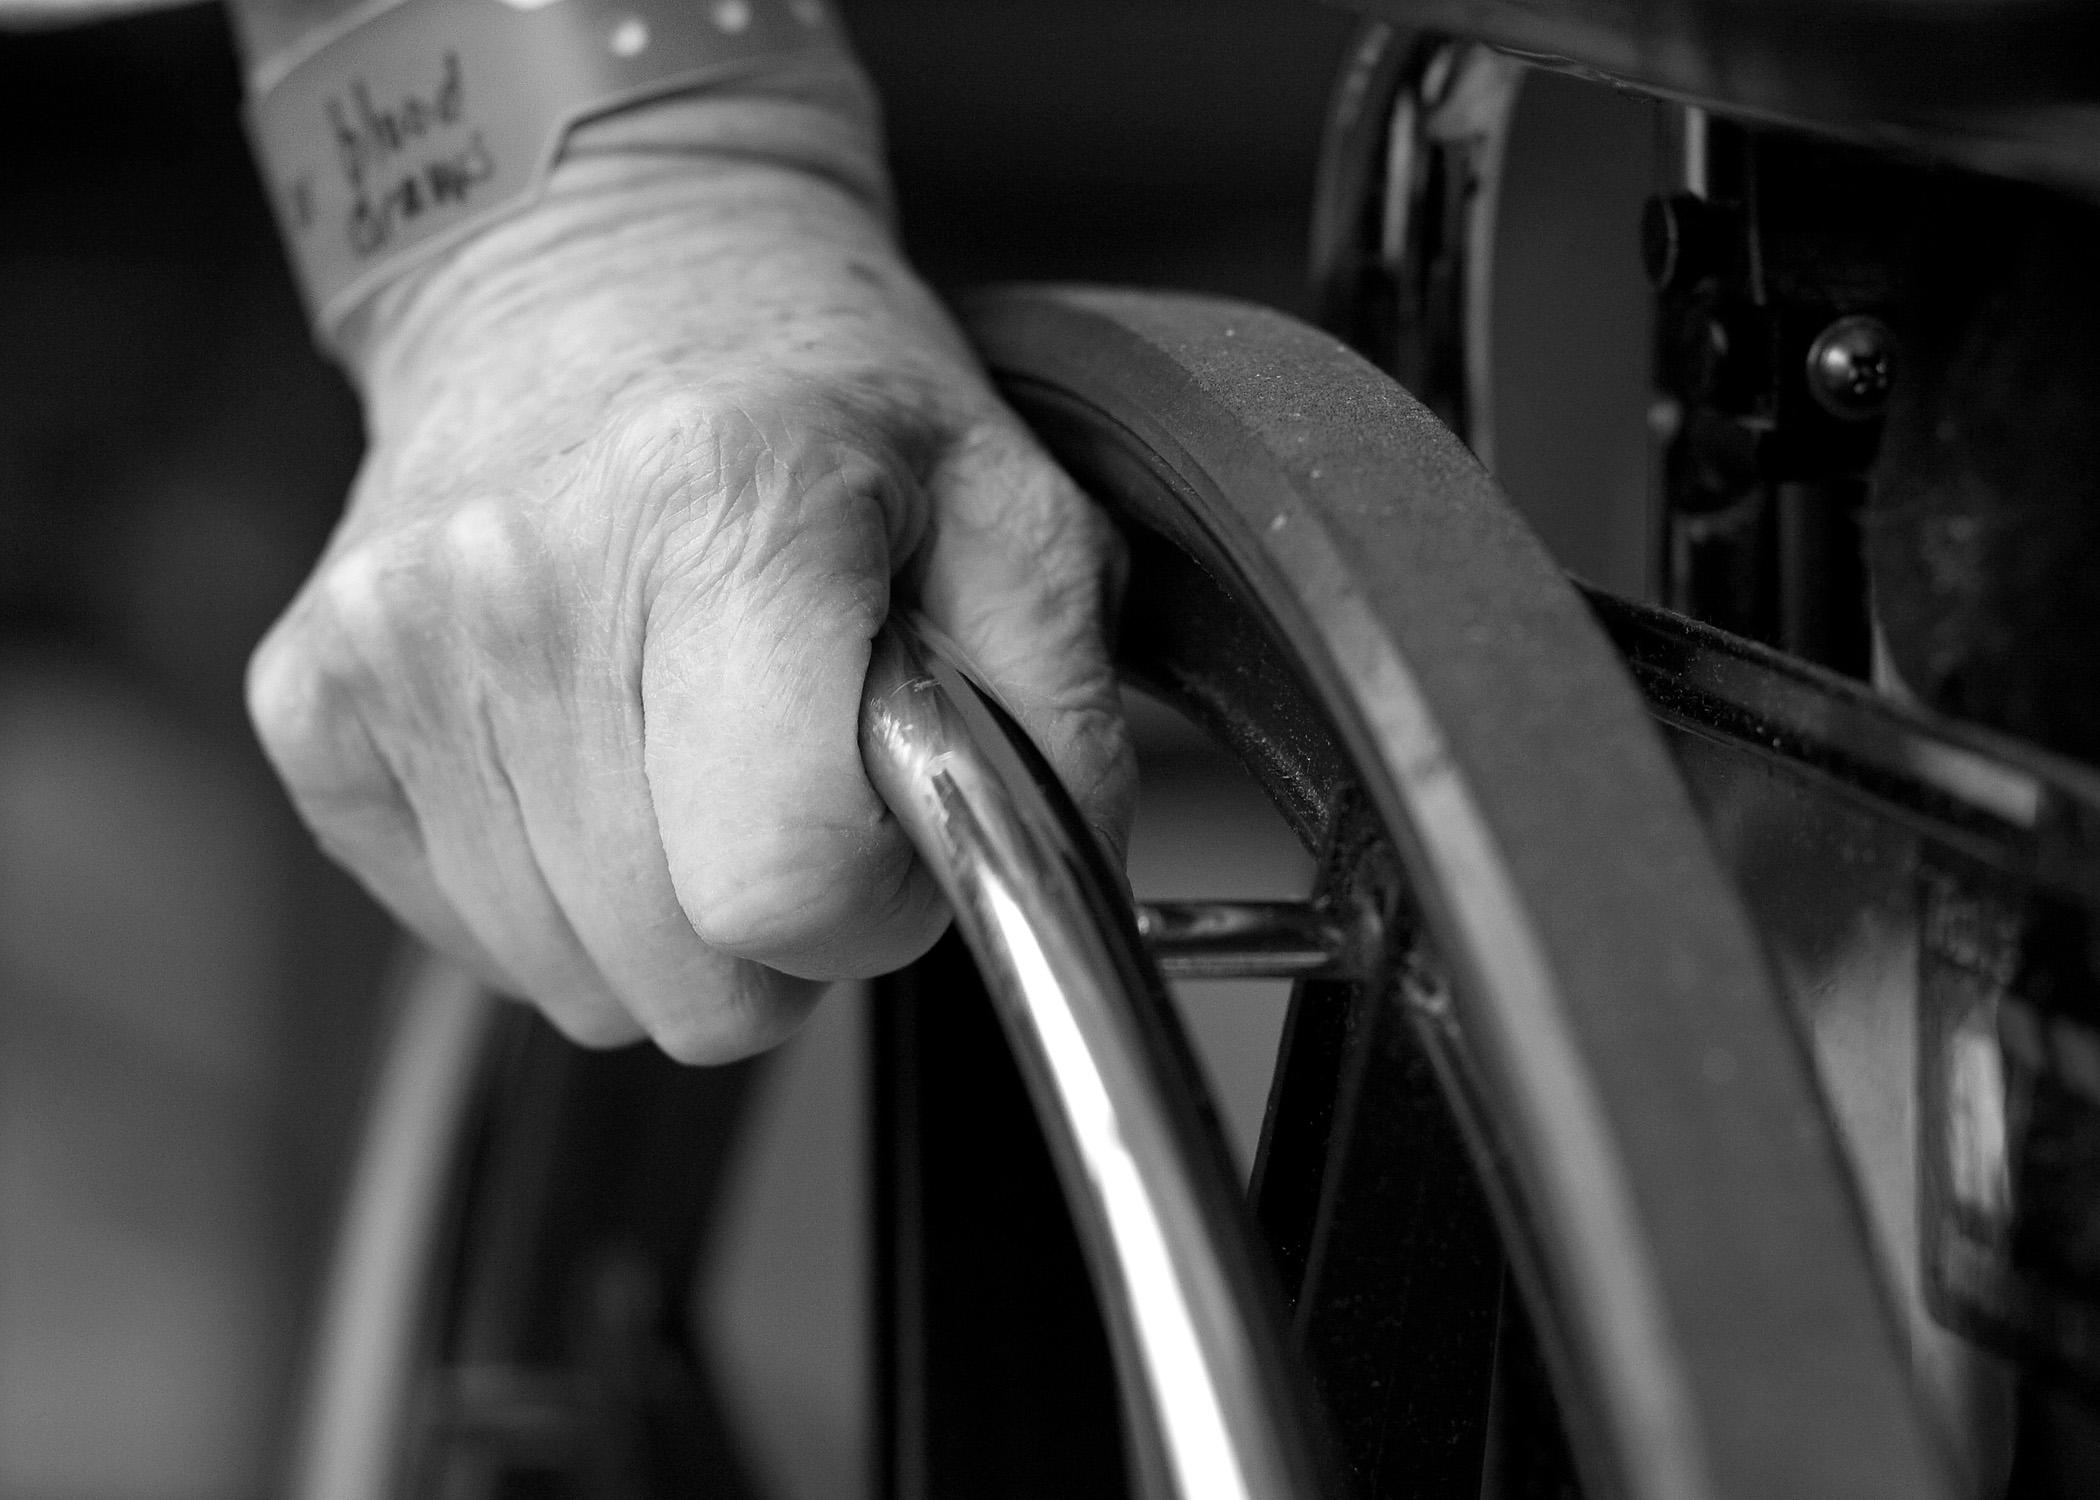 Idosos e pessoas com deficiência devem se cadastrar no CadÚnico para não perder o Benefício de Prestação Continuada